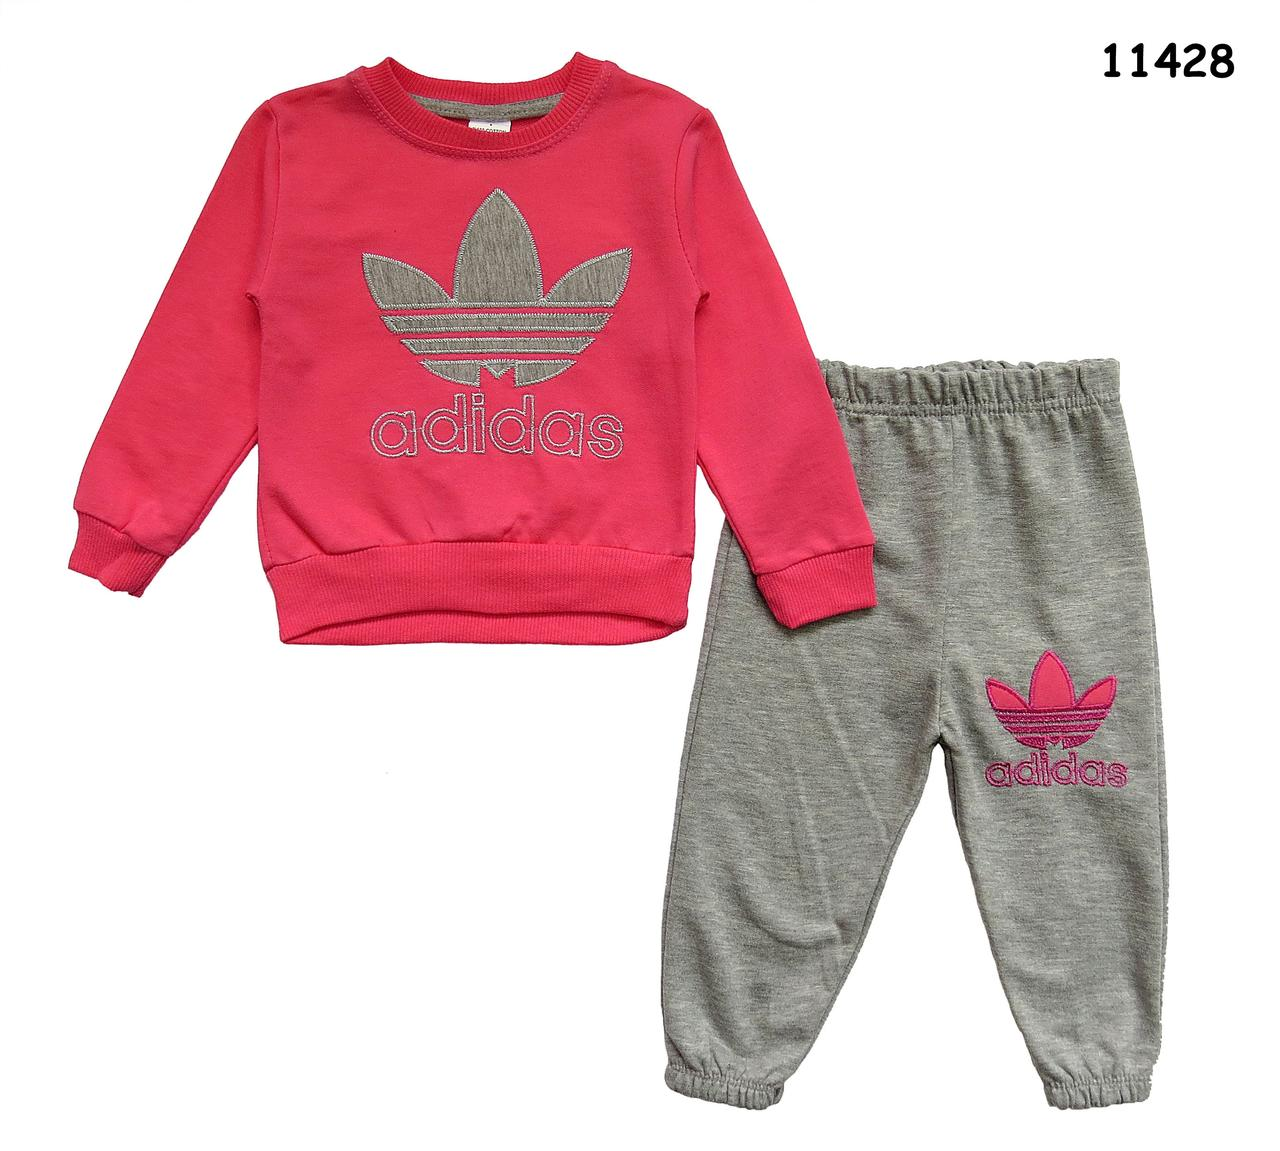 3d2c629b6787 Спортивный костюм Adidas для девочки. 1, 2, 4 года: продажа, цена в  Виннице. костюмы для ...